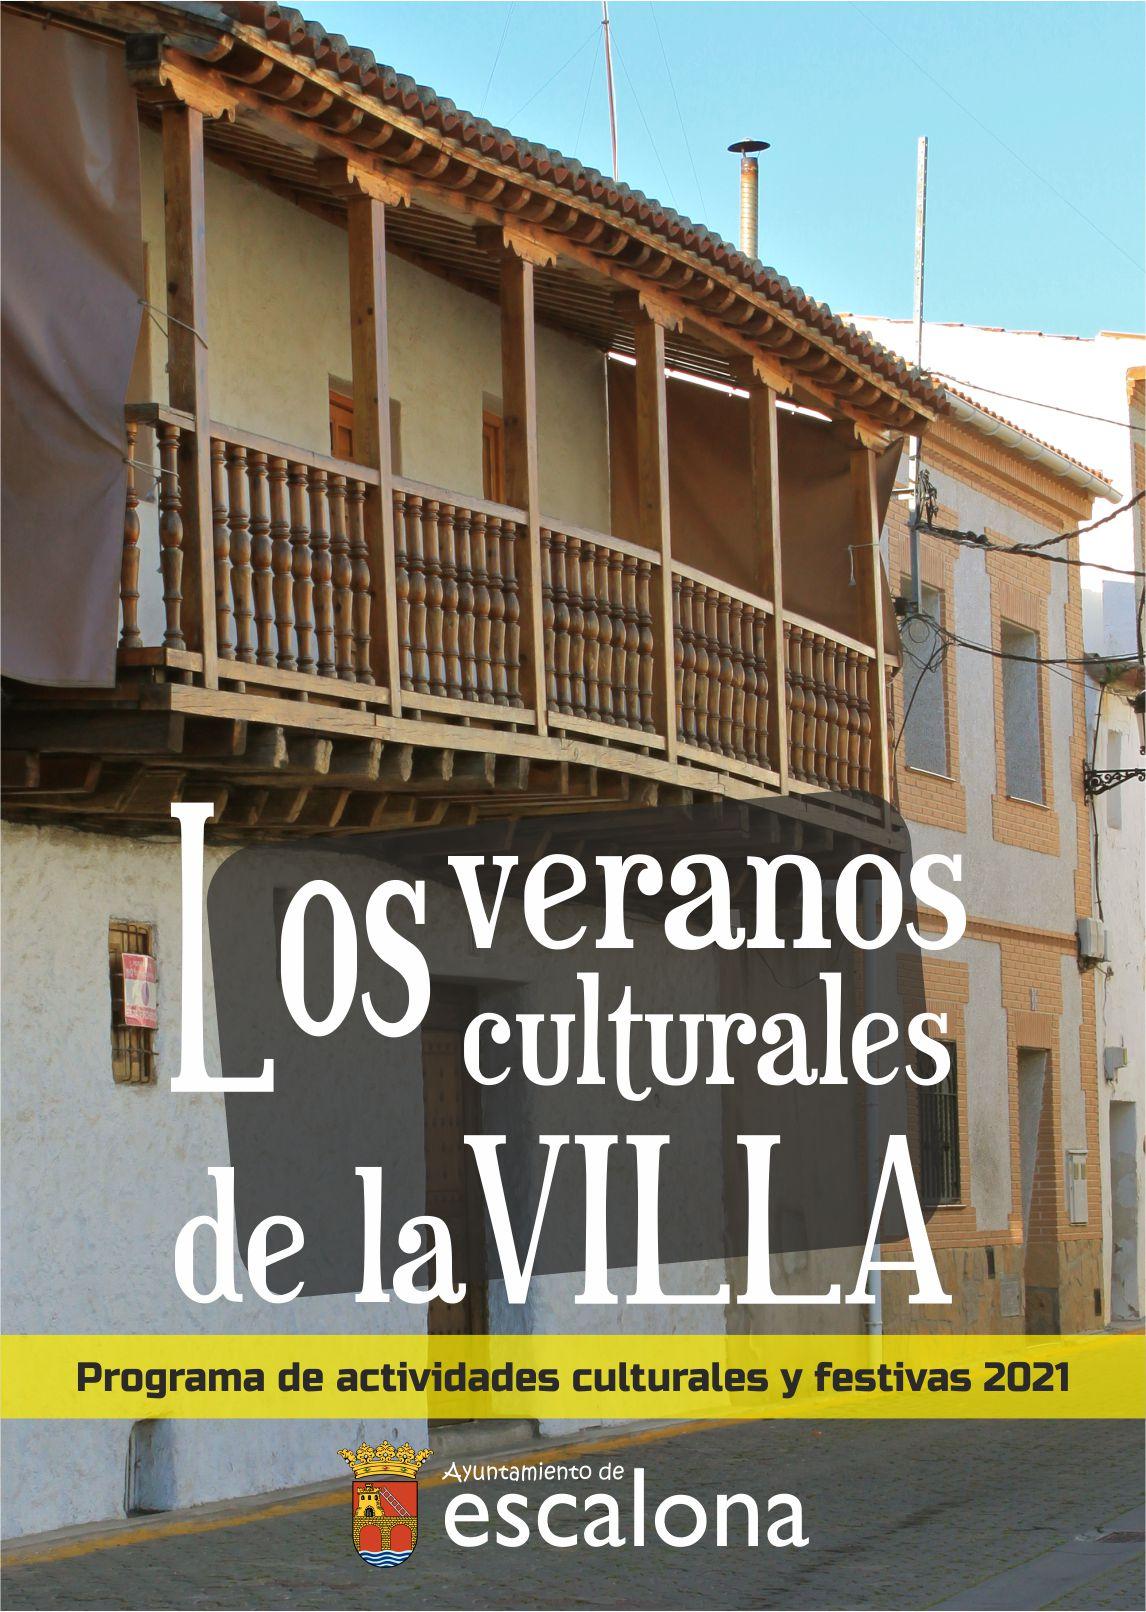 Programa de actividades culturales y festivas verano 2021 - Ayuntamiento de Escalona